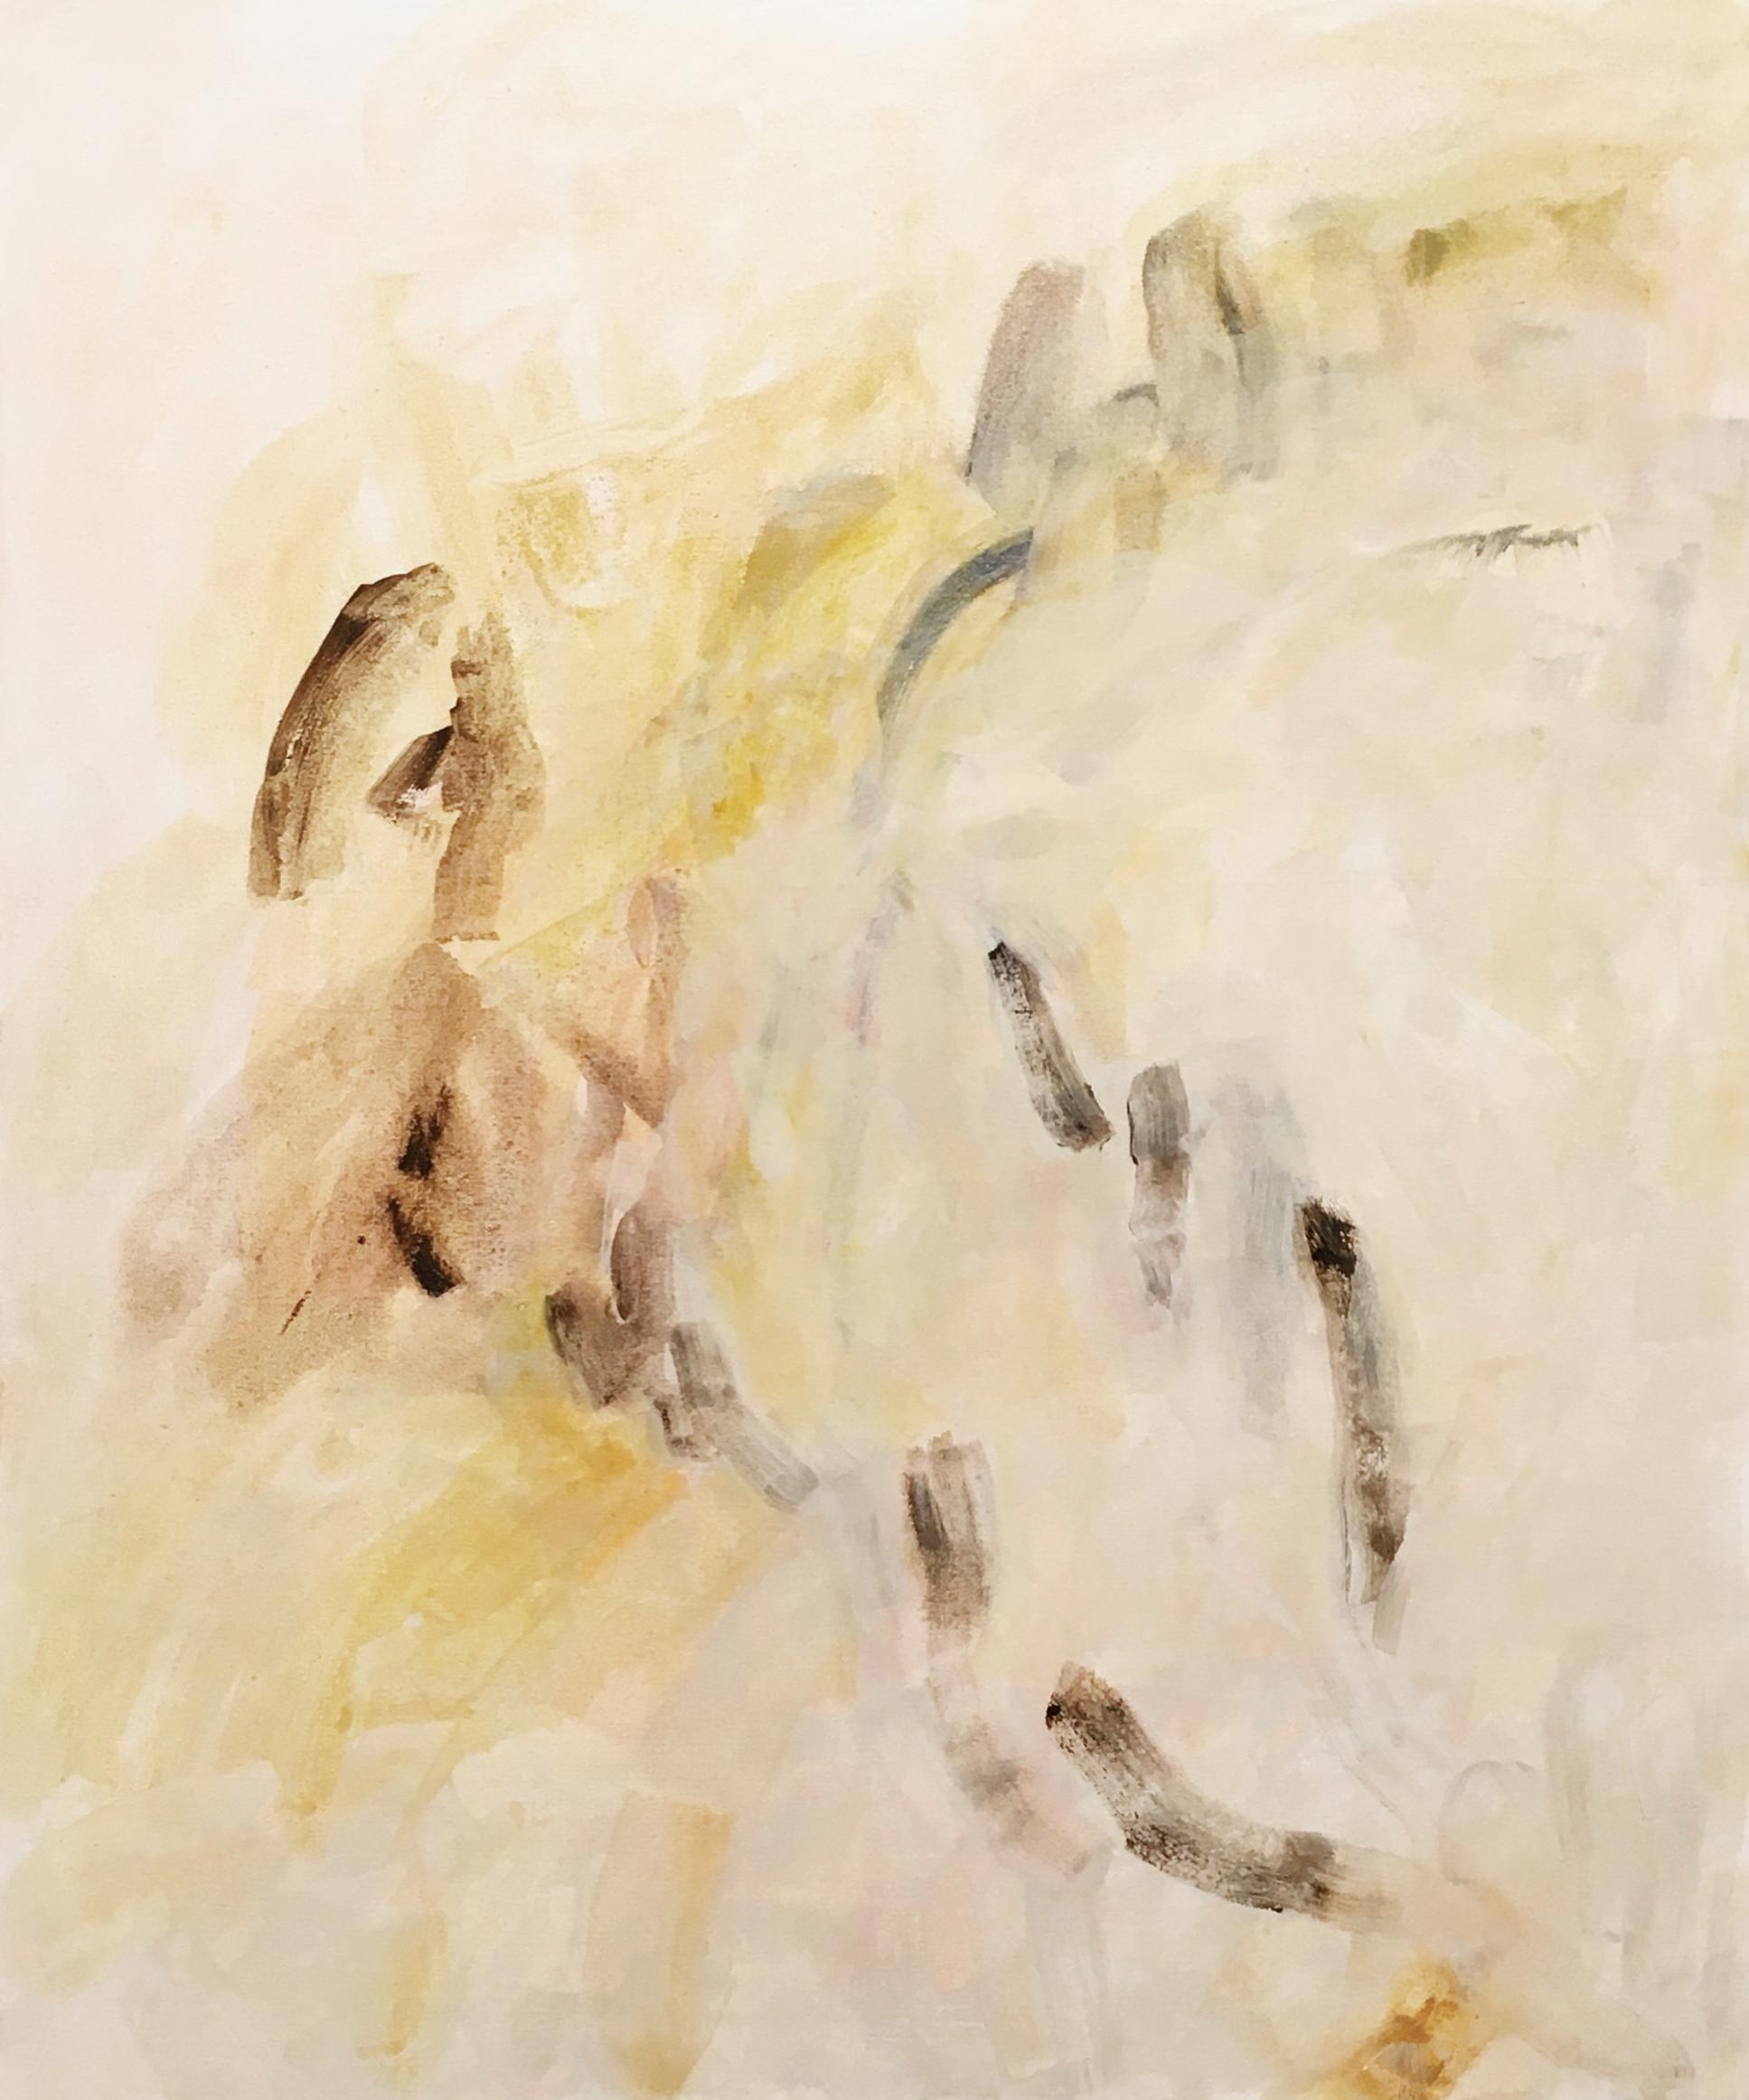 """acrylic on canvas, 30 x 36"""", 2017"""